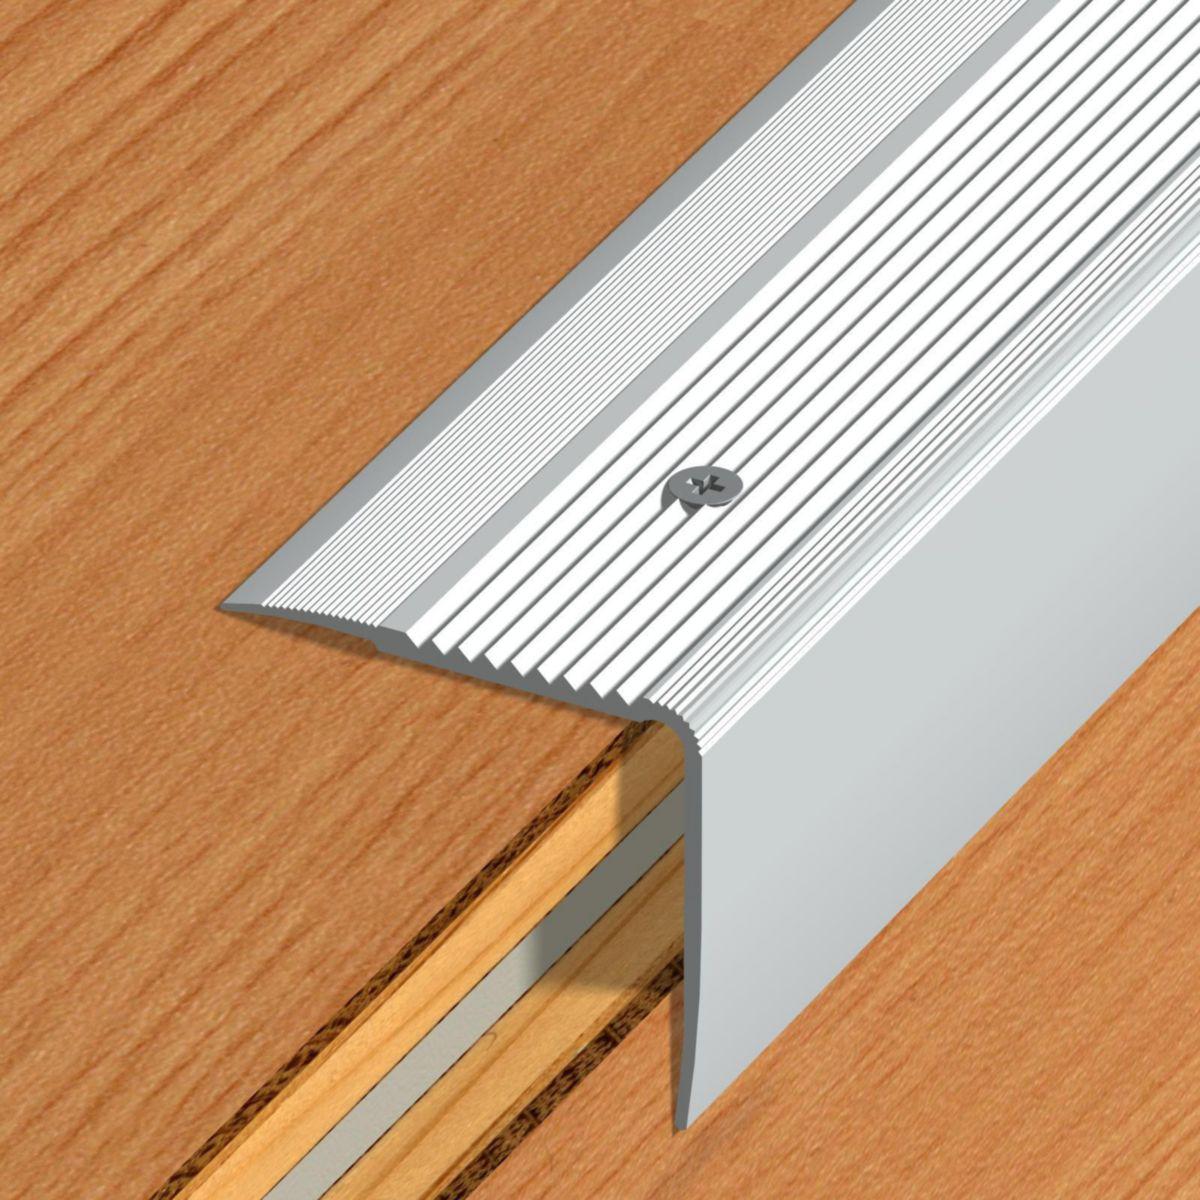 Nez De Marche Stri M Tallique Vis Pose Rapport E 41v Aluminium  ~ Nez De Marche Antidérapant Escalier Bois